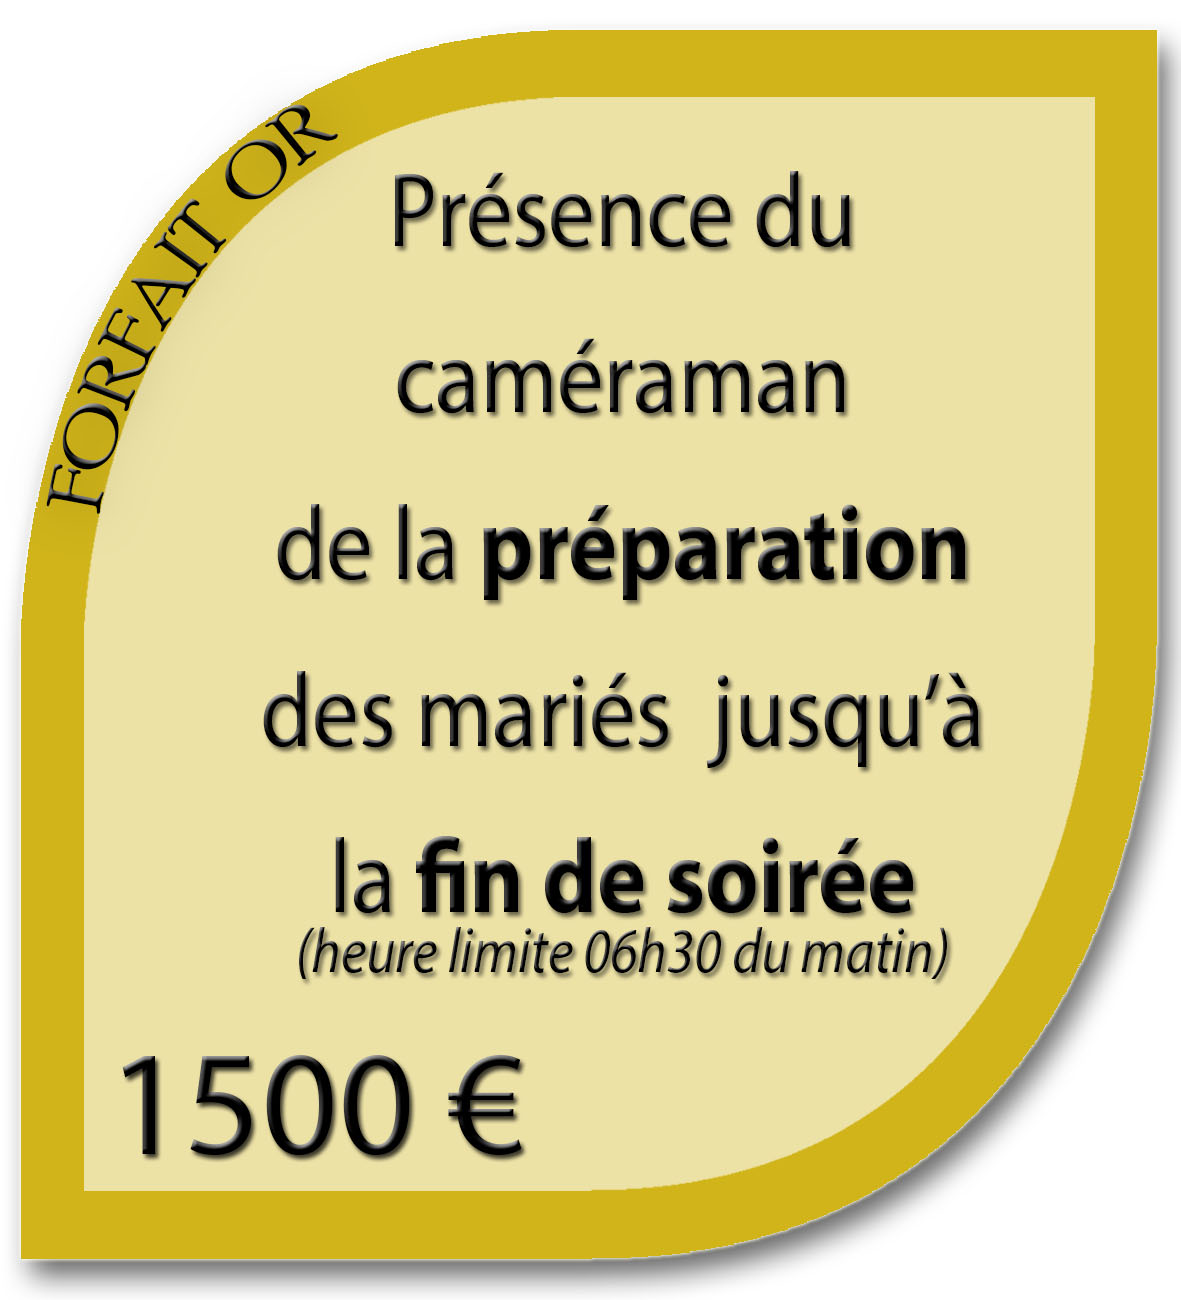 les frais de dplacements sont inclus pour lile de france marseille aix en provence et toulon nous nous dplaons dans toute la france et calculons - Tarif Camraman Mariage